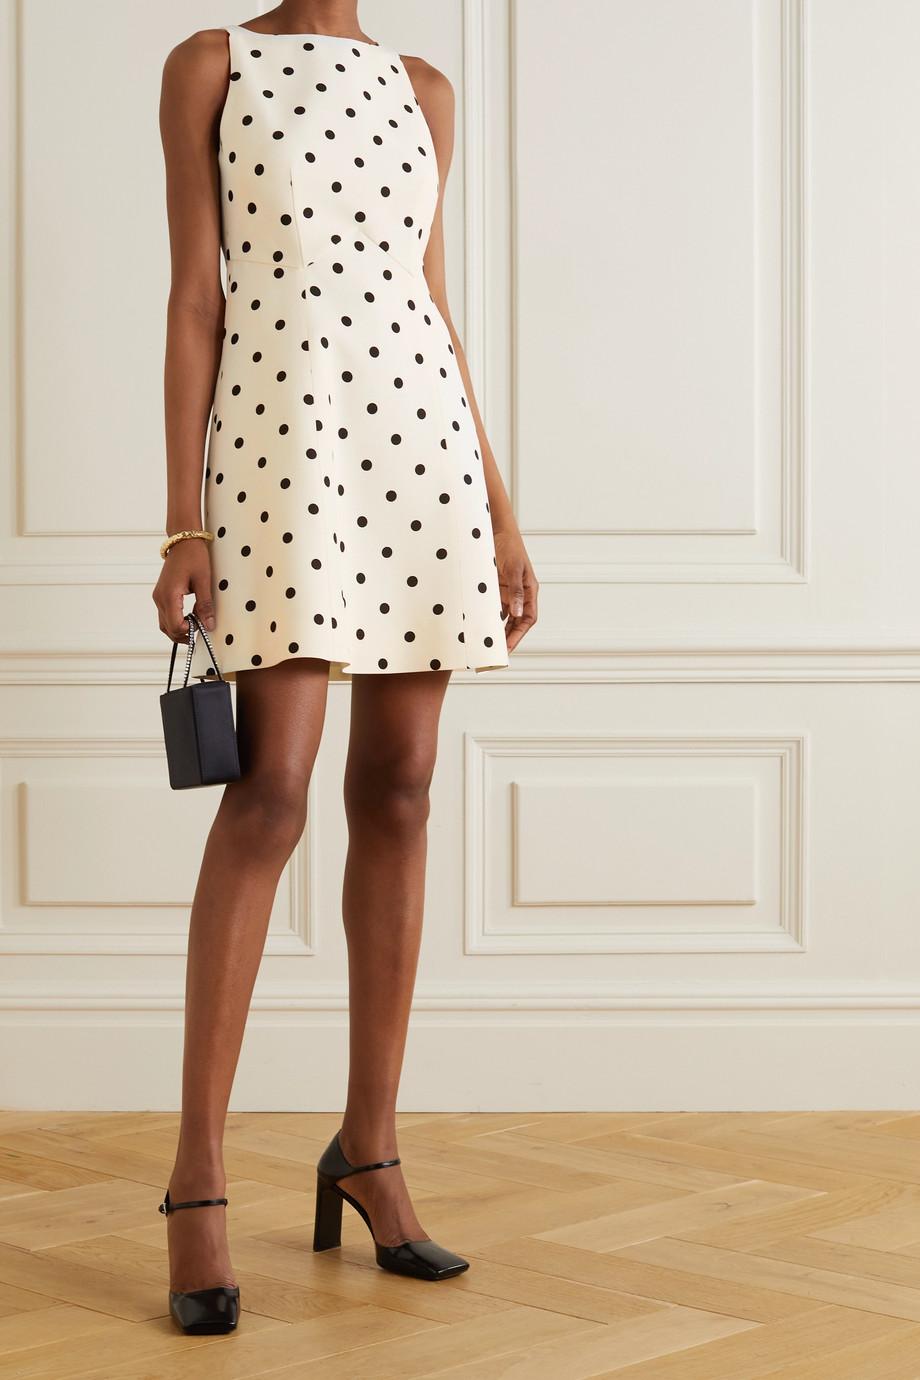 Valentino Minikleid aus Crêpe aus einer Woll-Seidenmischung mit Polka-Dots